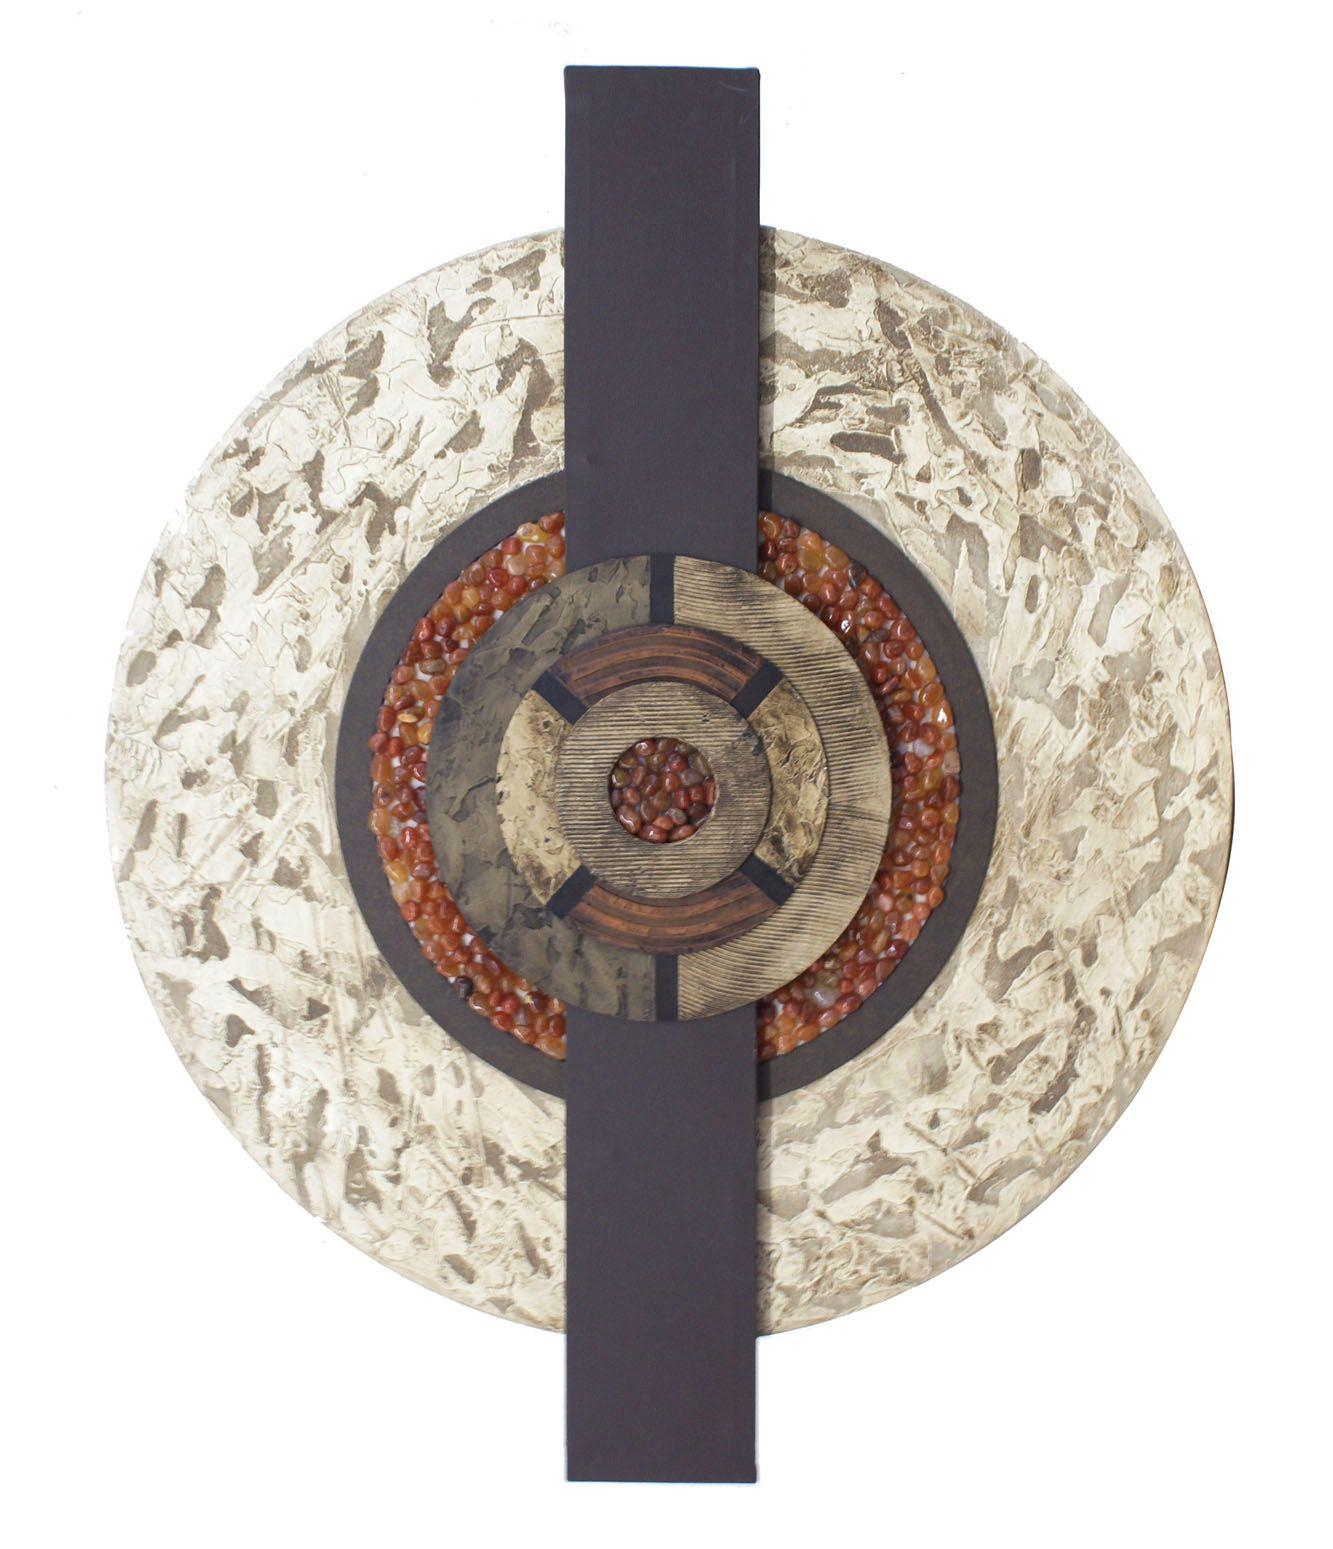 Mandala decorativa em MDF texturizado e betumado, com aplique de pedrinhas naturais em tom caramelo e sobreposição de escultura em MDF, pintado em tom tabaco e betumado - Ø 90 cm - 14150 - R$ 350,00.